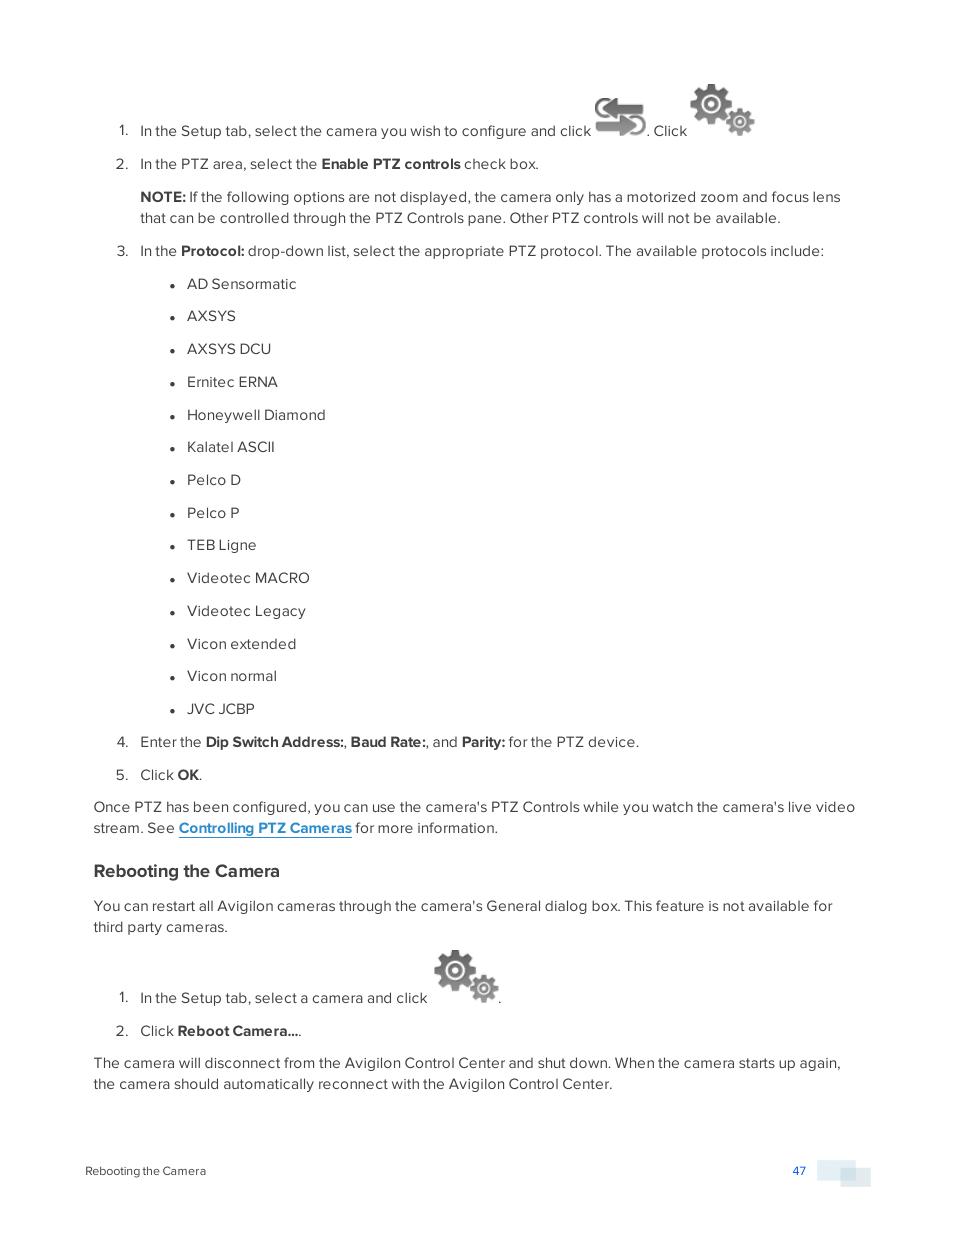 Rebooting the camera | Avigilon ACC Core Version 5 2 2 User Manual